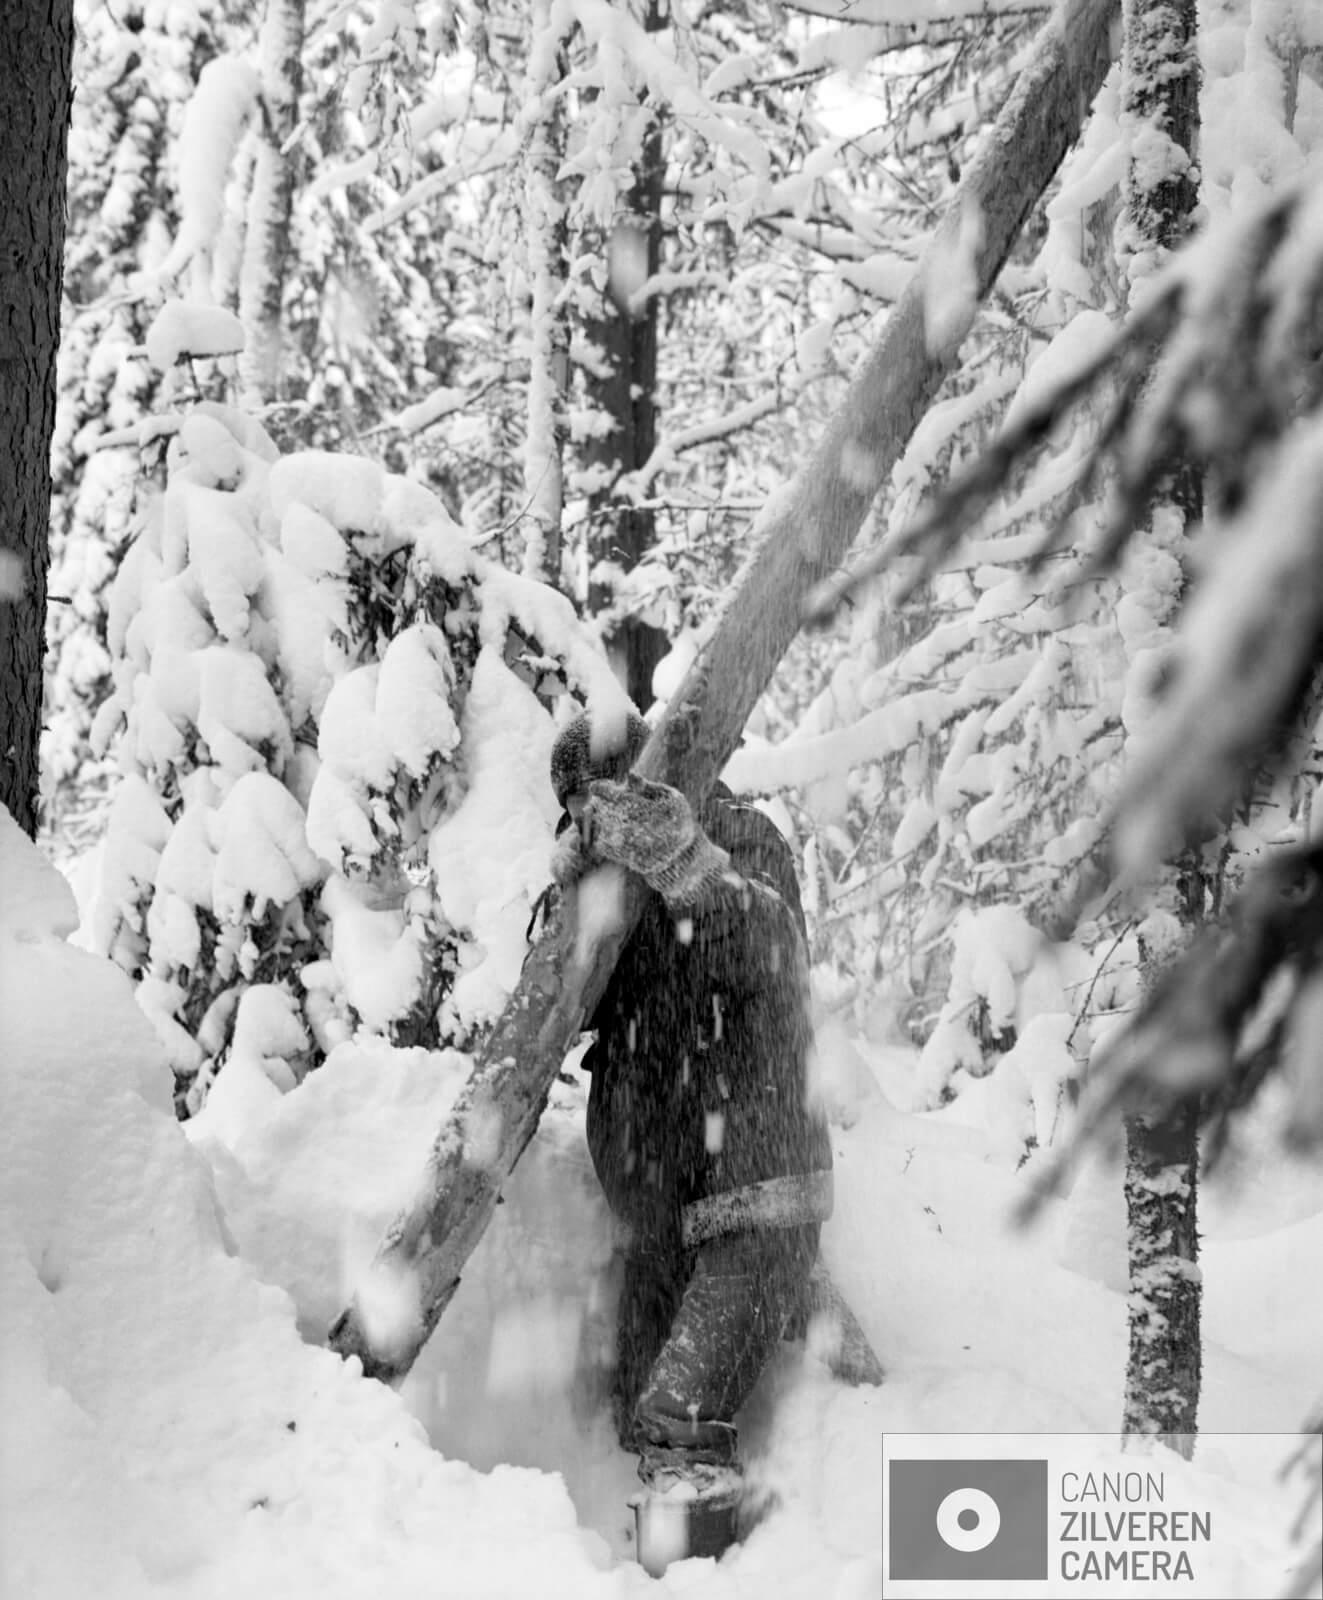 06/12  Borealis / Berdyshikha, Rusland, maart 2018  Het boreale woud is de grootste vegetatiezone op aarde en beslaat zo'n 29 procent van het totale bosgebied. Met een oppervlakte van negen miljoen vierkante kilometer is het flink groter dan het Amazone -regenwoud. Met name in Rusland is sinds de val van het communisme de ontbossing enorm toegenomen. Boreale bossen zetten op grote schaal koolstofdioxide om in zuurstof. Een gemiddelde boom produceert in honderd jaar genoeg zuurstof om een persoon twintig jaar van te laten ademen. Het tropisch regenwoud en het boreale woud vormen samen de longen van onze aarde. Toch is minder dan twaalf procent van deze bossen beschermd gebied. De bomenwereld is door de klimaatverwarming in verandering. Vooral in het hoge noorden zijn die veranderingen merkbaar. Zo kwam de temperatuur vorig jaar in delen van arctisch Rusland 6 á 7 graden boven het gemiddelde.  Gennady Tugushin woont in het dorp Berdyshykha diep verscholen in het eindeloze Russische boreale woud. Het dorp is leeggelopen, zoals vele dorpen in Rusland, alleen Gennady woont er nog samen met zijn vrouw. Gennady heeft zijn hele leven voor het lokale houtbedrijf gewerkt. Ze leveren hout aan een van de grootste papierfabrieken van Europa. Gennady is gepensioneerd maar werkt nog steeds voor het bedrijf om zijn magere pensioen wat aan te vullen.